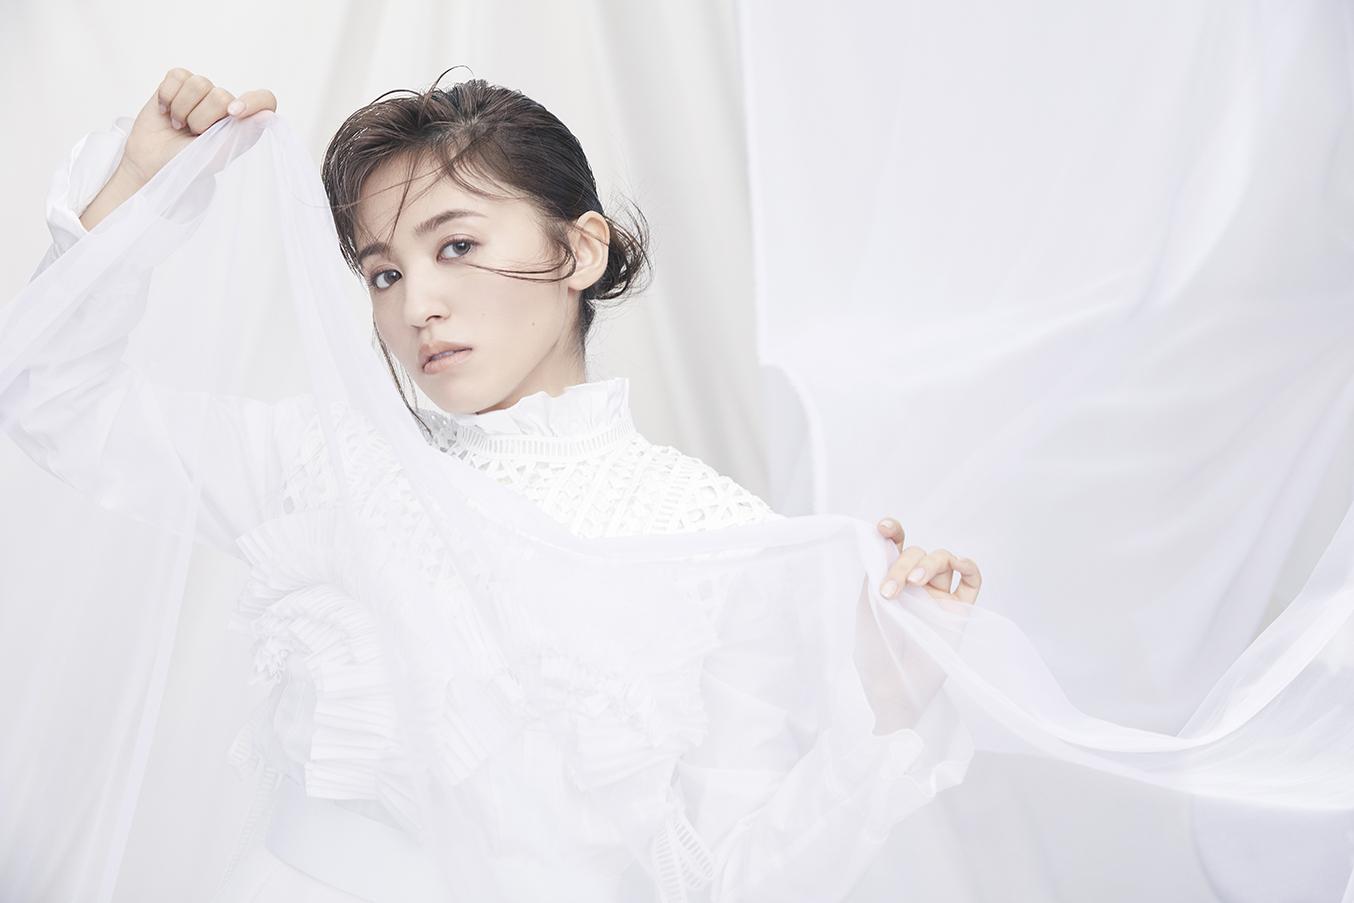 3月31日(火)に発売する1st Albumのタイトルが「Curtain raise」に決定!新ビジュアルも解禁!